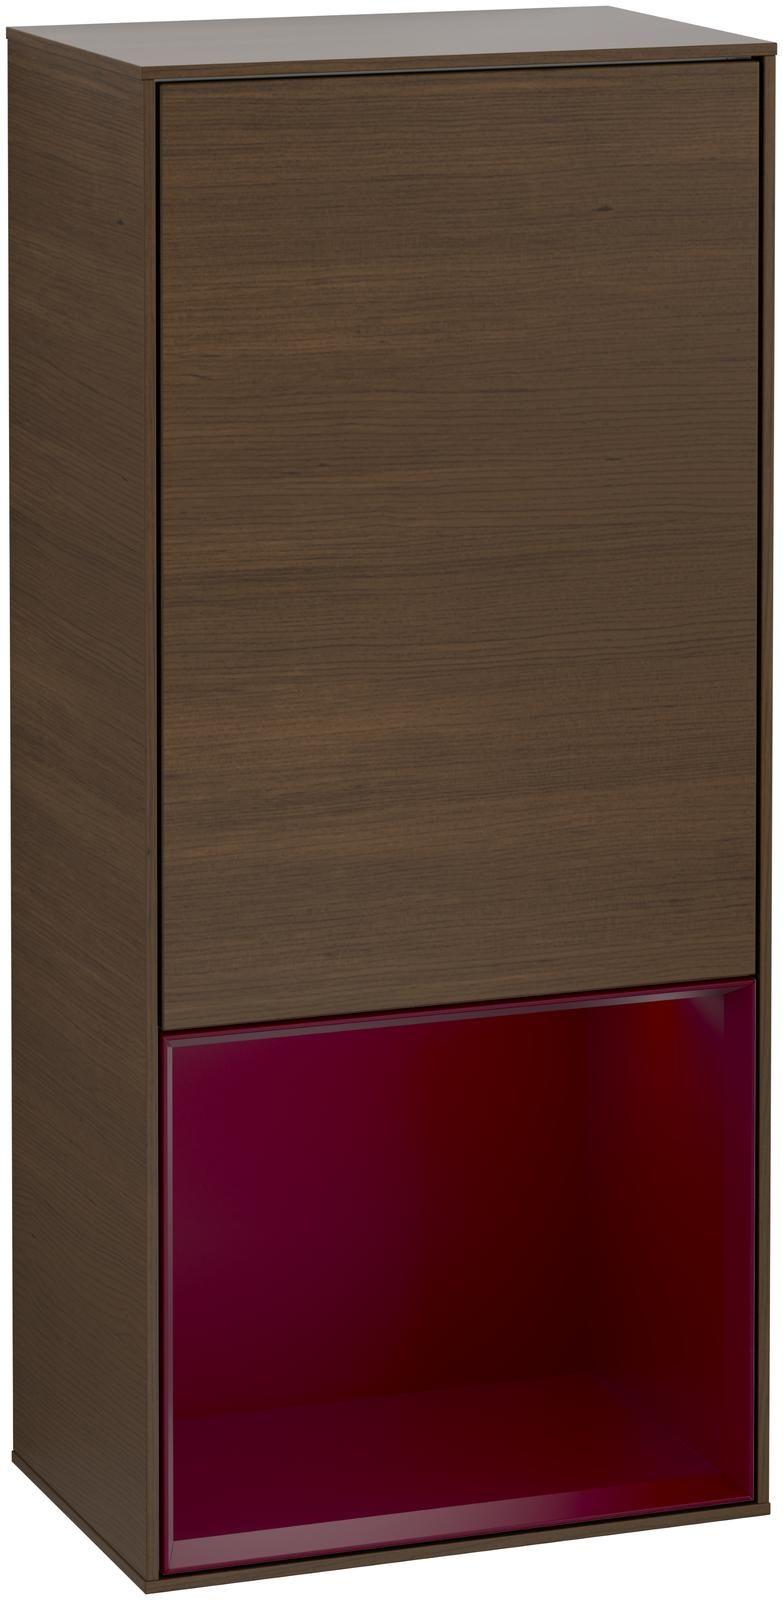 Villeroy & Boch Finion G55 Seitenschrank mit Regalelement 1 Tür Anschlag rechts LED-Beleuchtung B:41,8xH:93,6xT:27cm Front, Korpus: Walnut Veneer, Regal: Peony G550HBGN